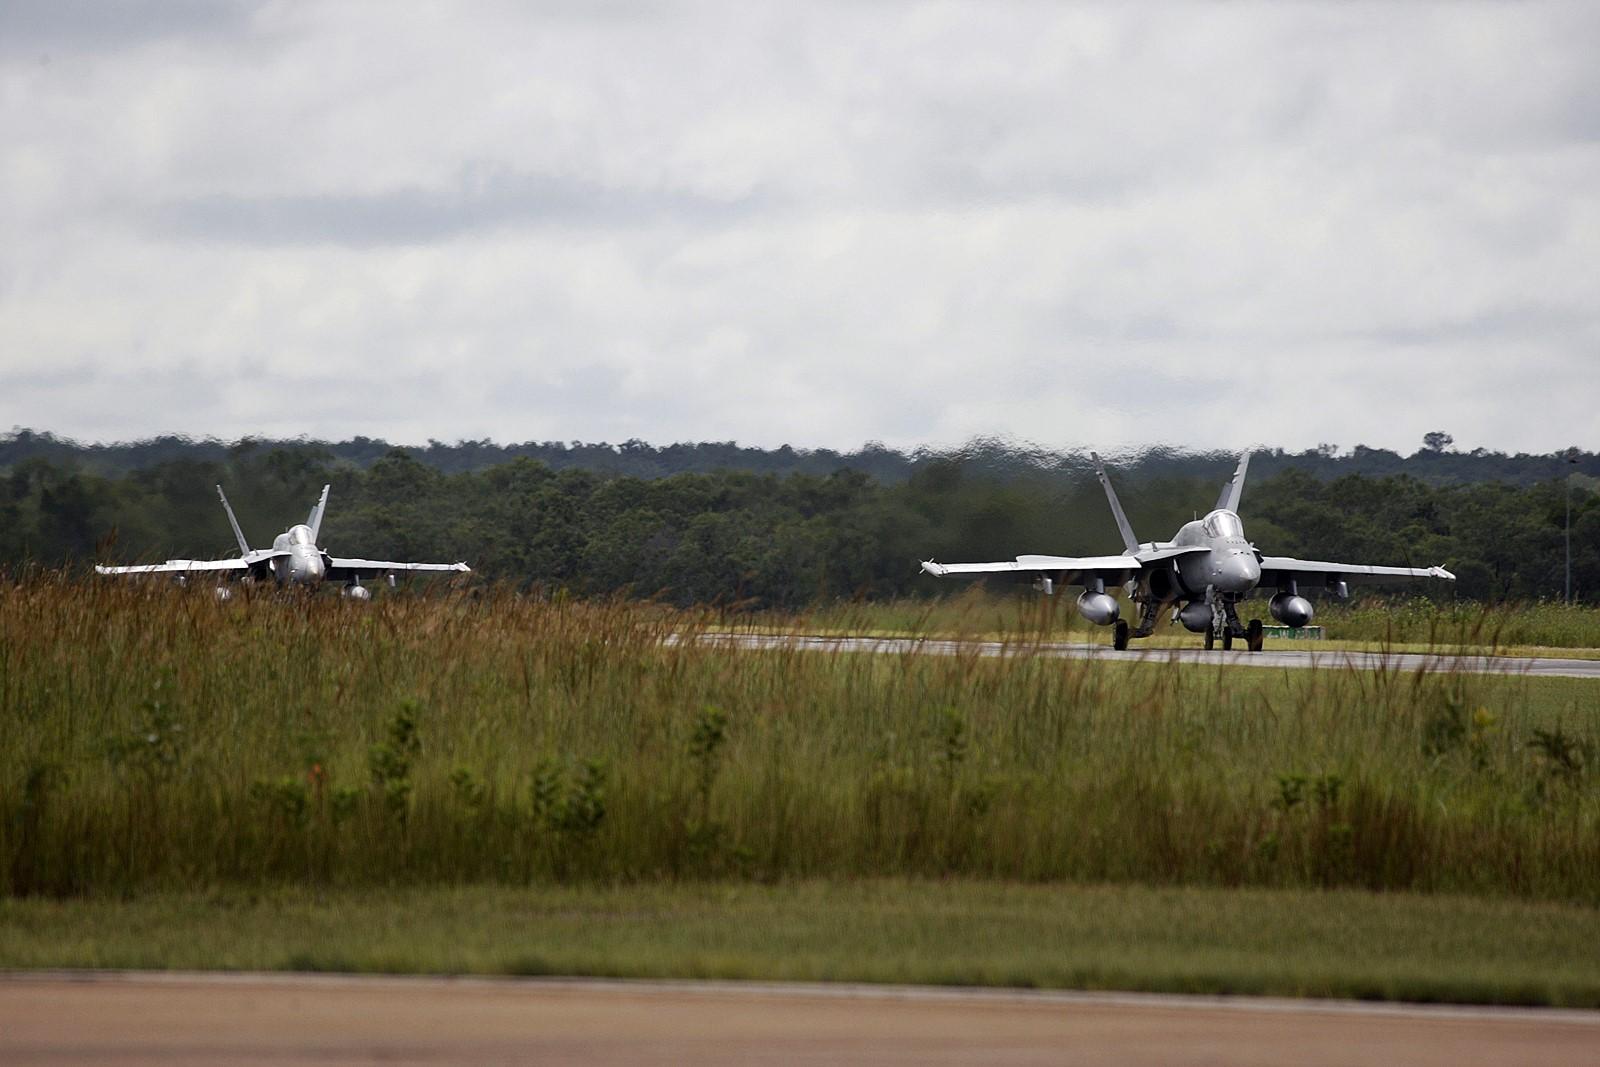 중동을 향해 이륙하는 호주해군 F/A-18A 전투기들